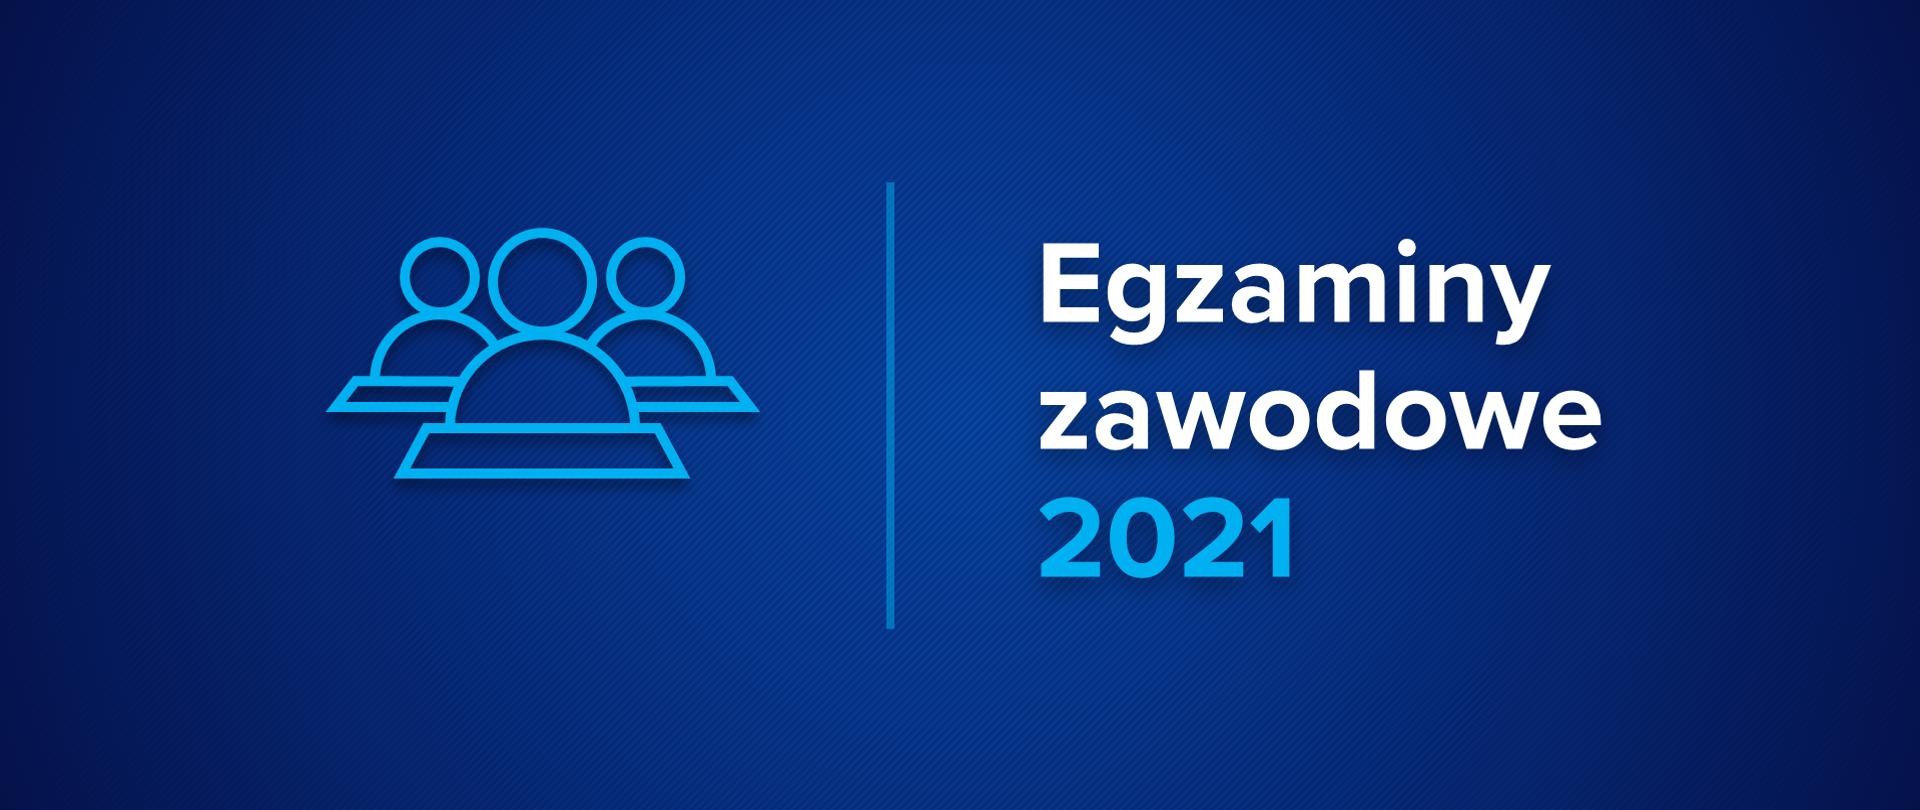 Harmonogram egzaminów zawodowych – czerwiec 2021